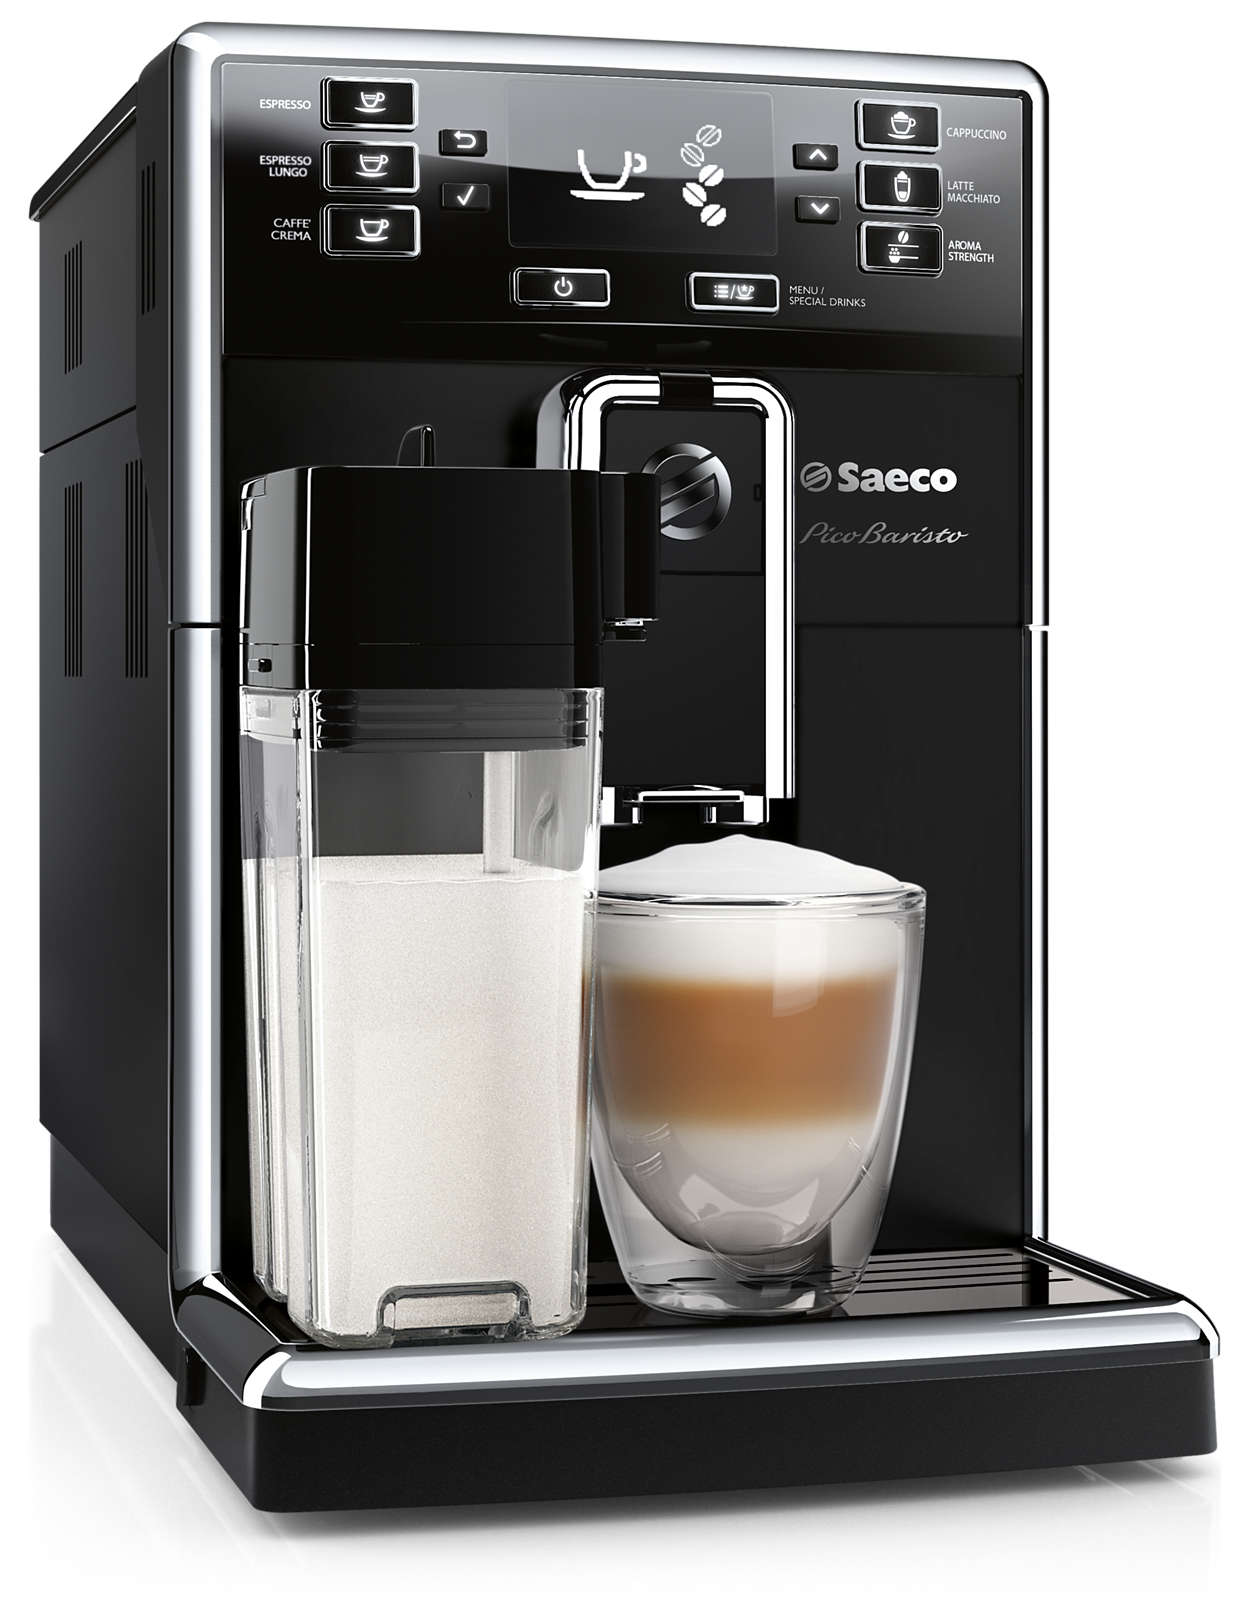 machine caf grain saeco guide d achat pour en. Black Bedroom Furniture Sets. Home Design Ideas